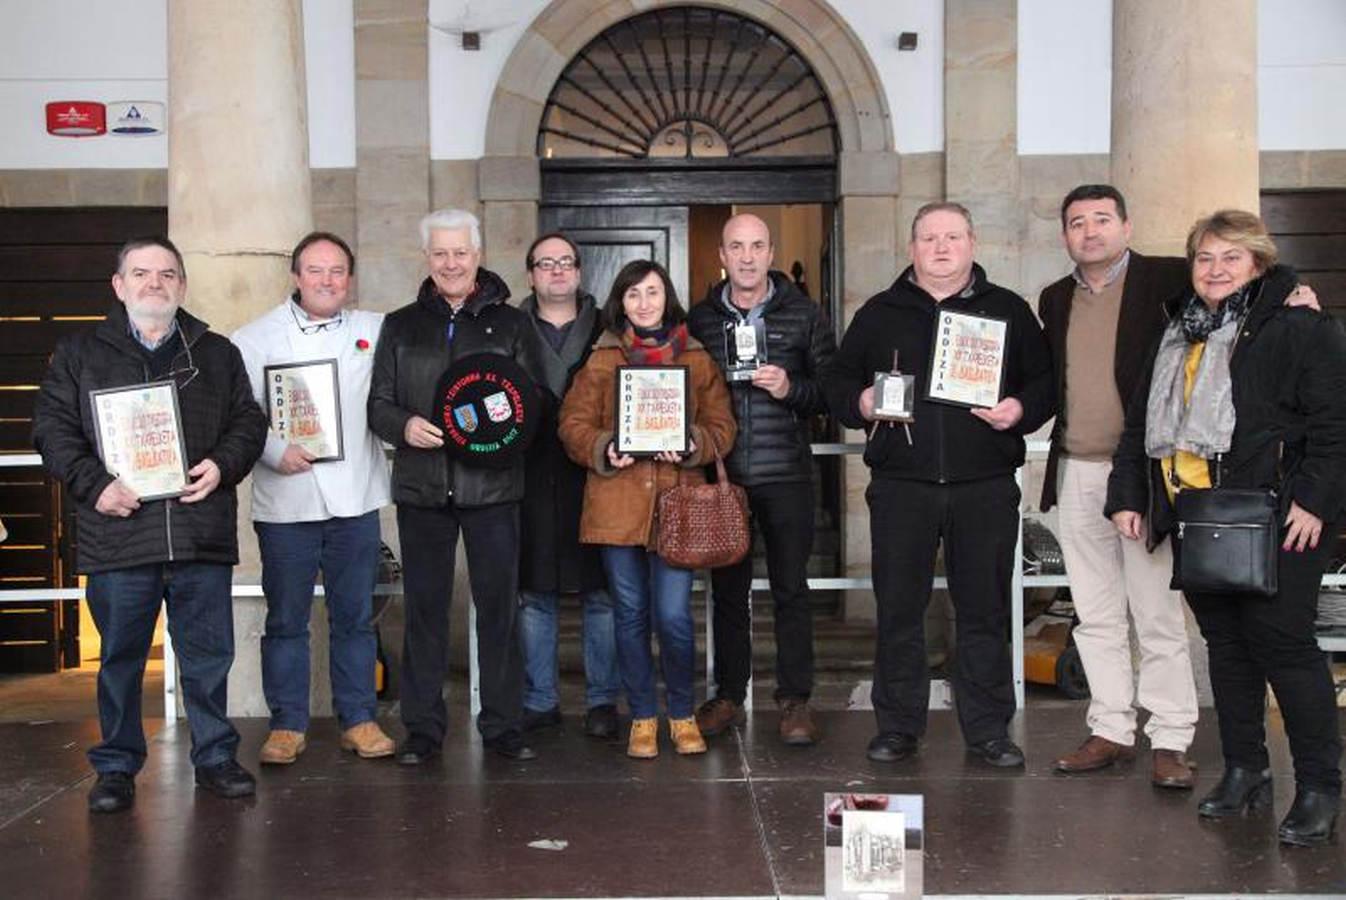 La carnicería Larragueta se lleva el XX 'Campeonato de txistorra de Euskadi'